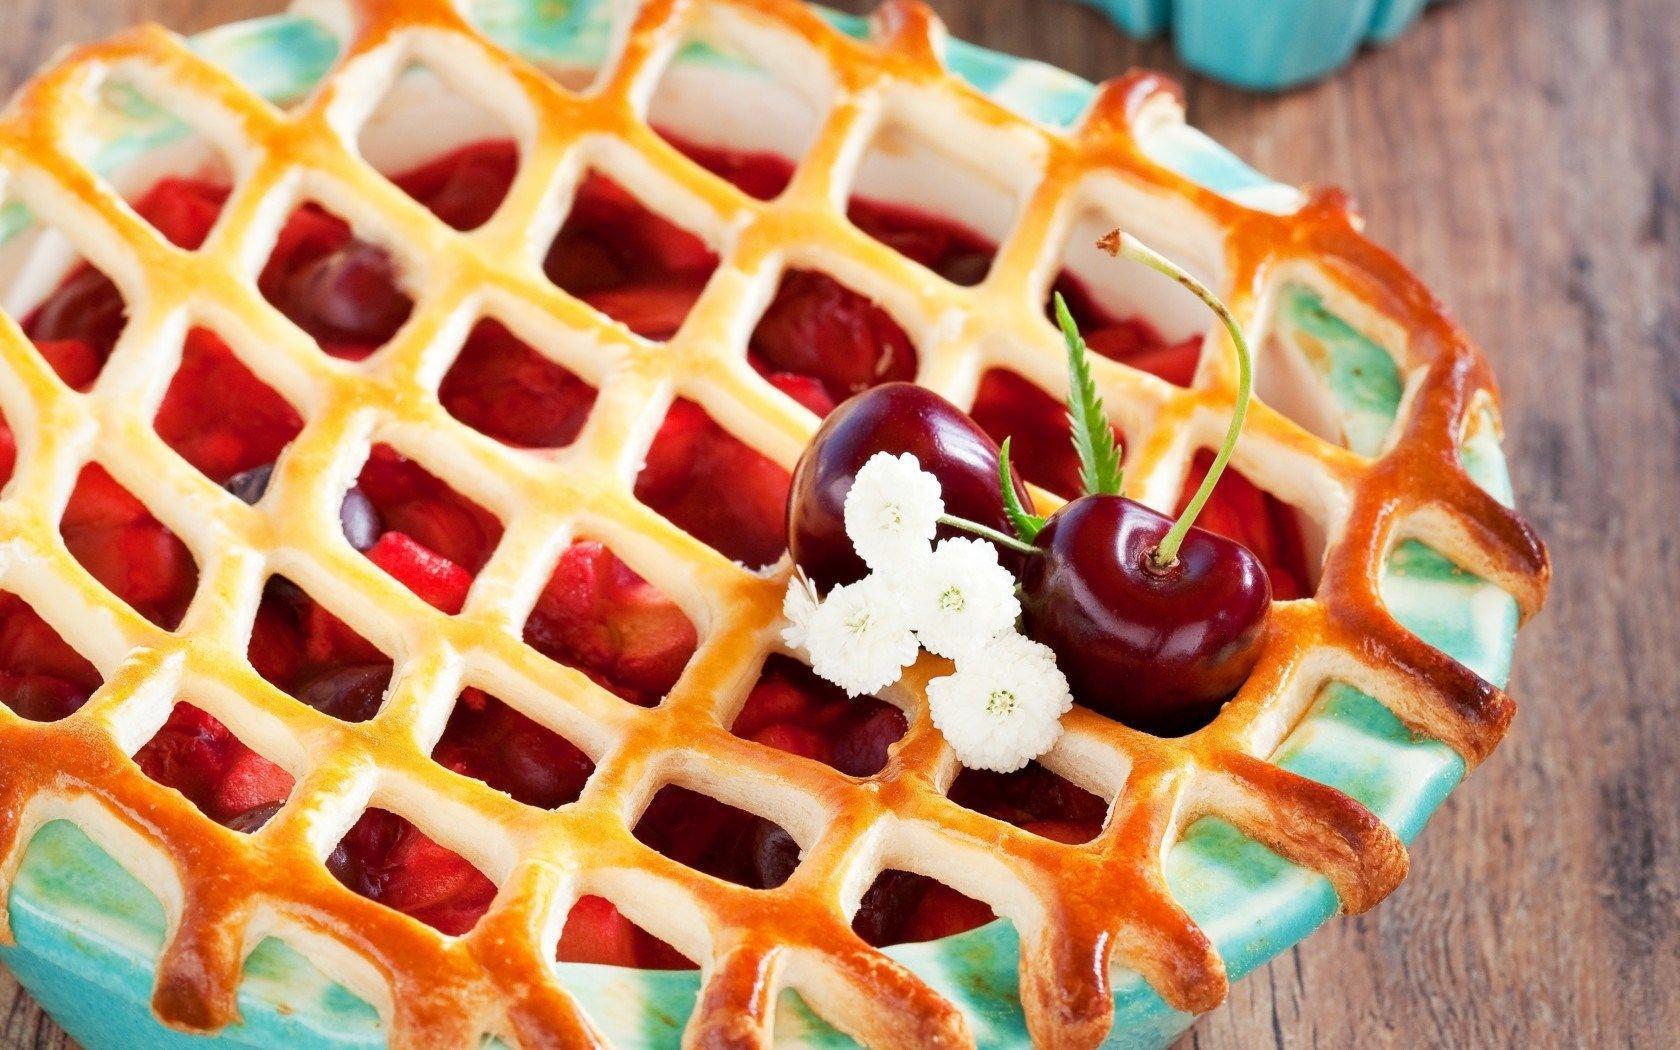 Baking Basket Food #6970275